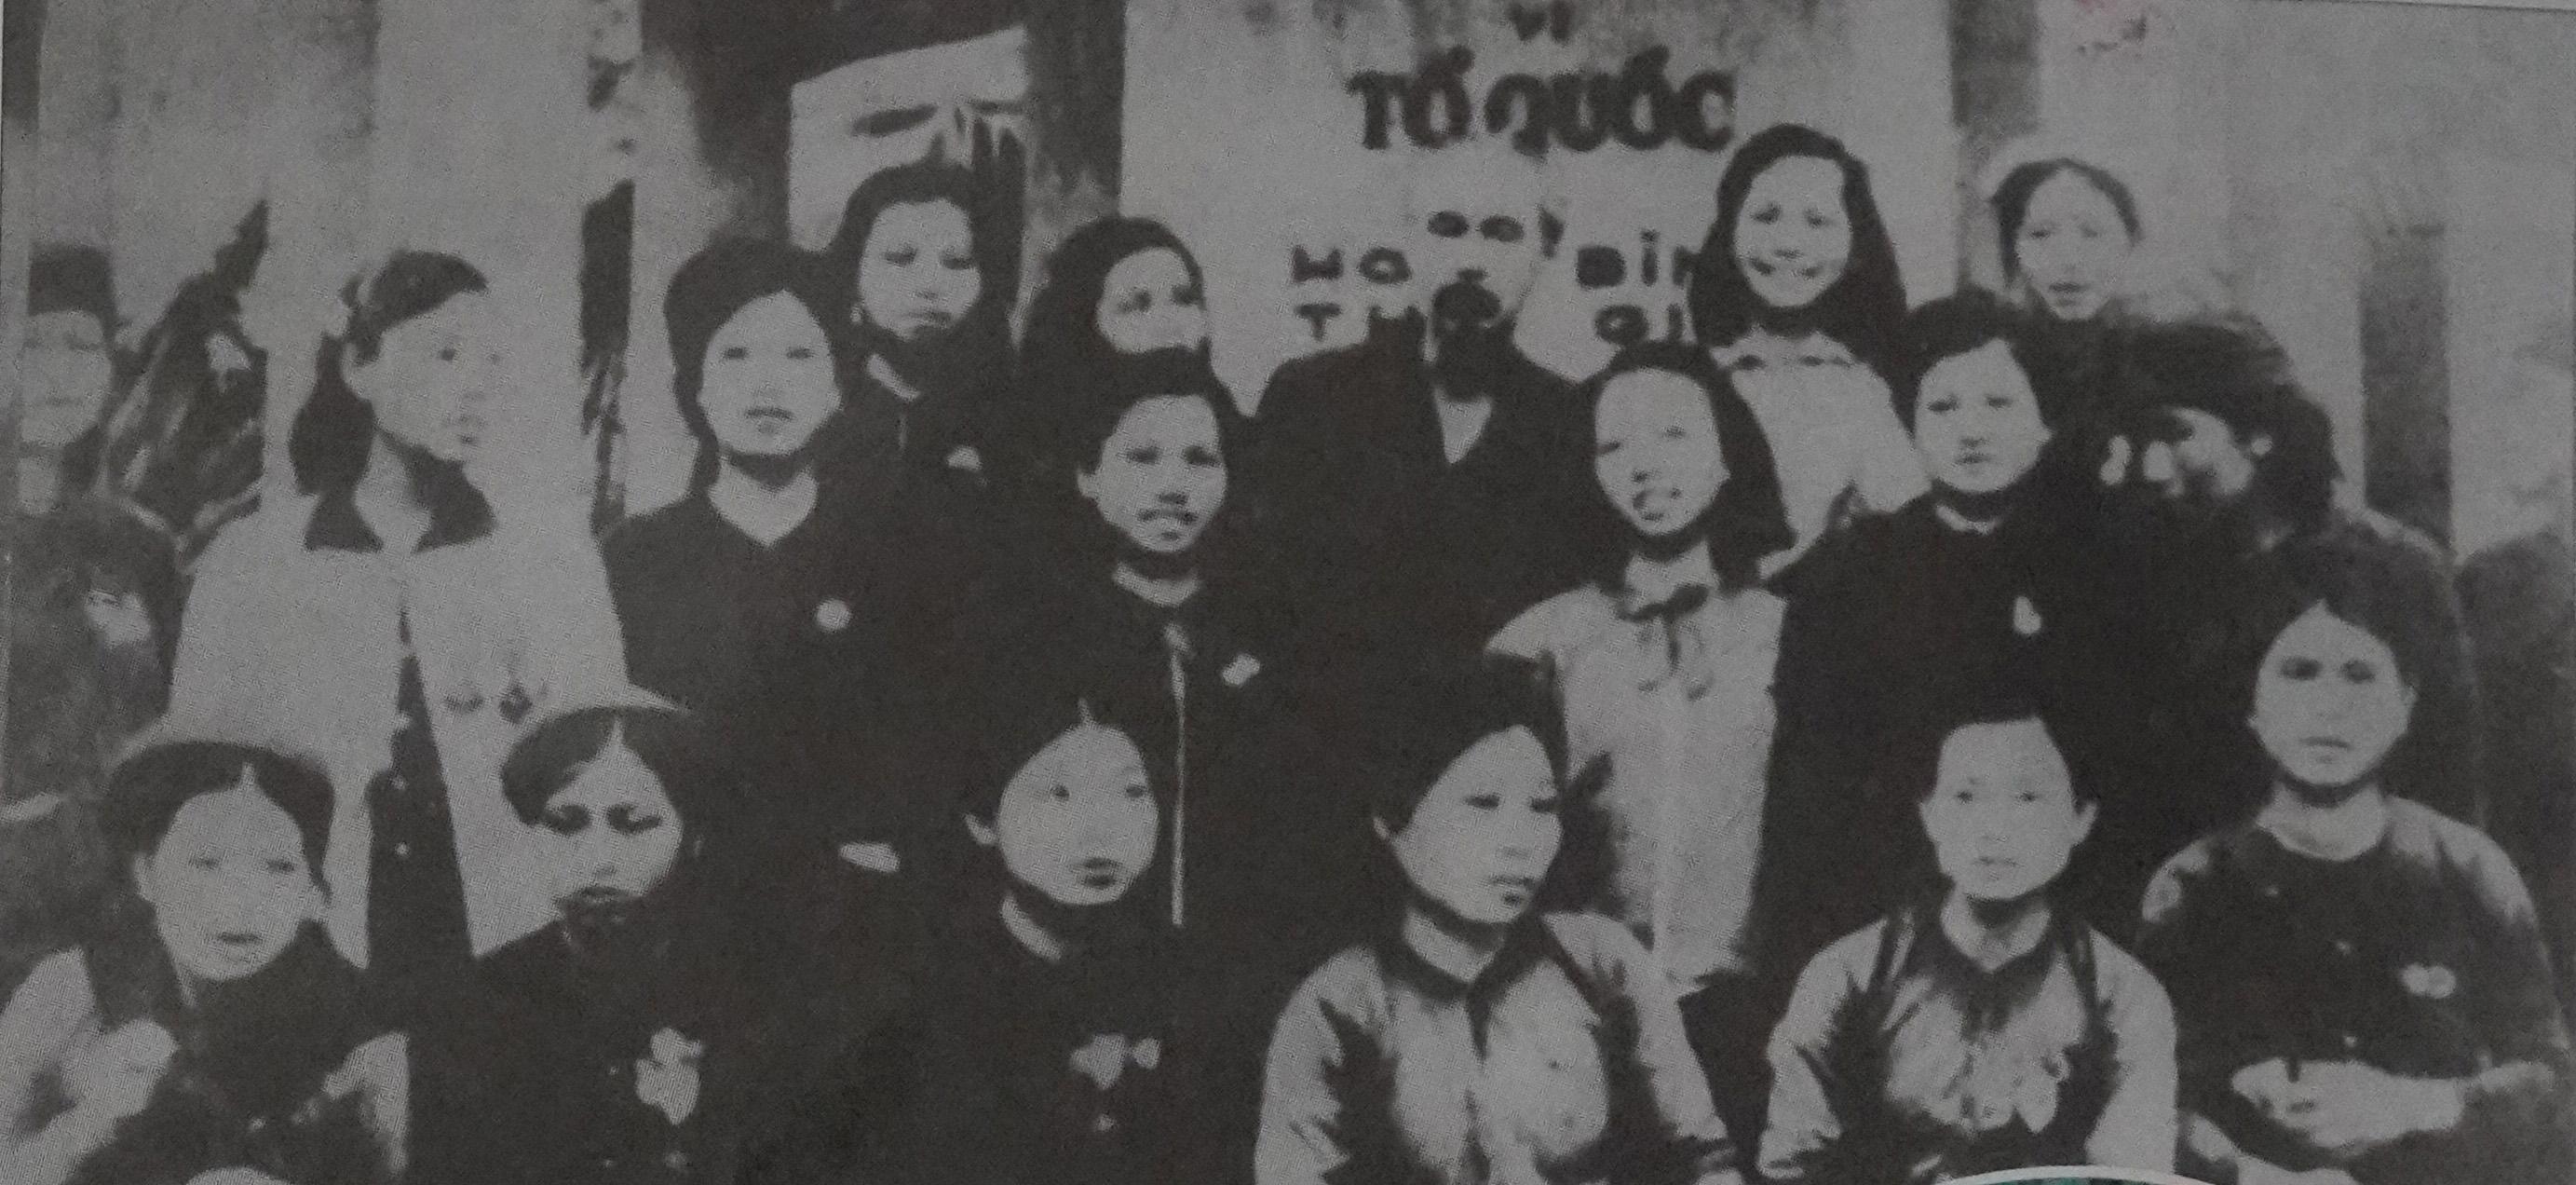 """Các nữ xã viên nơi """"Cánh đồng 5 tấn"""" đầu tiên của toàn miền Bắc xúc động kể chuyện gặp Bác Hồ - Ảnh 2."""